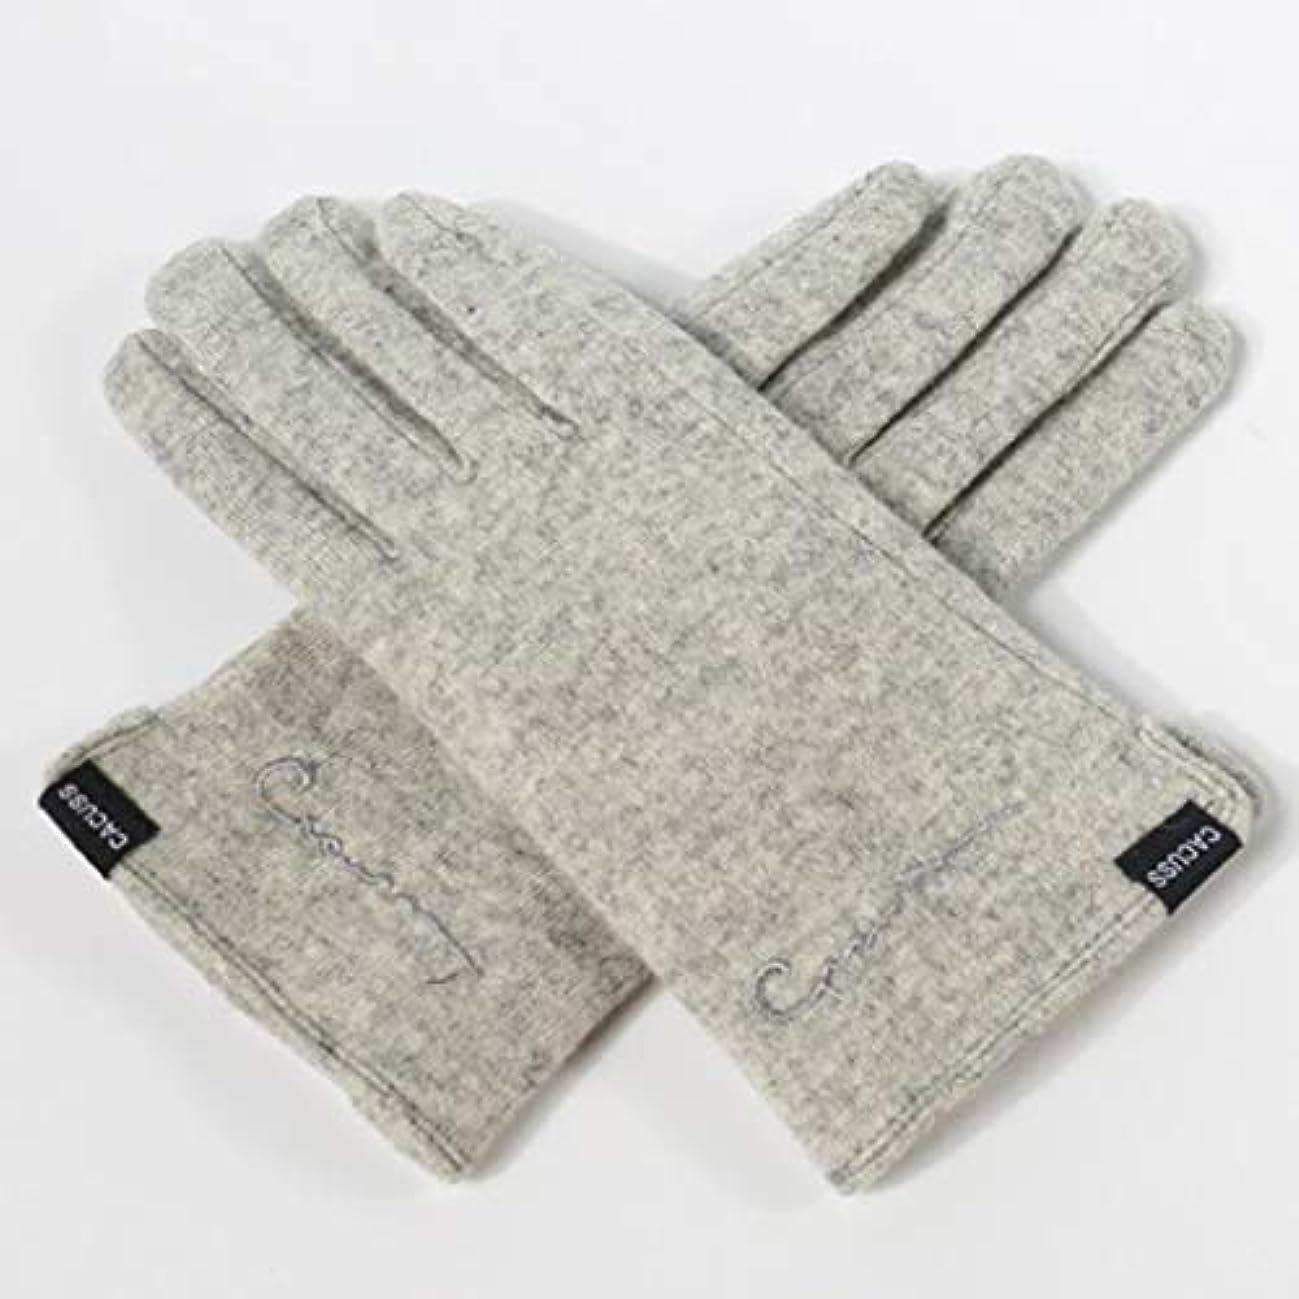 うがい薬対立として手袋女性の冬のタッチスクリーンのファッション暖かく快適なポイントは、乗馬を厚くする (色 : Gray)